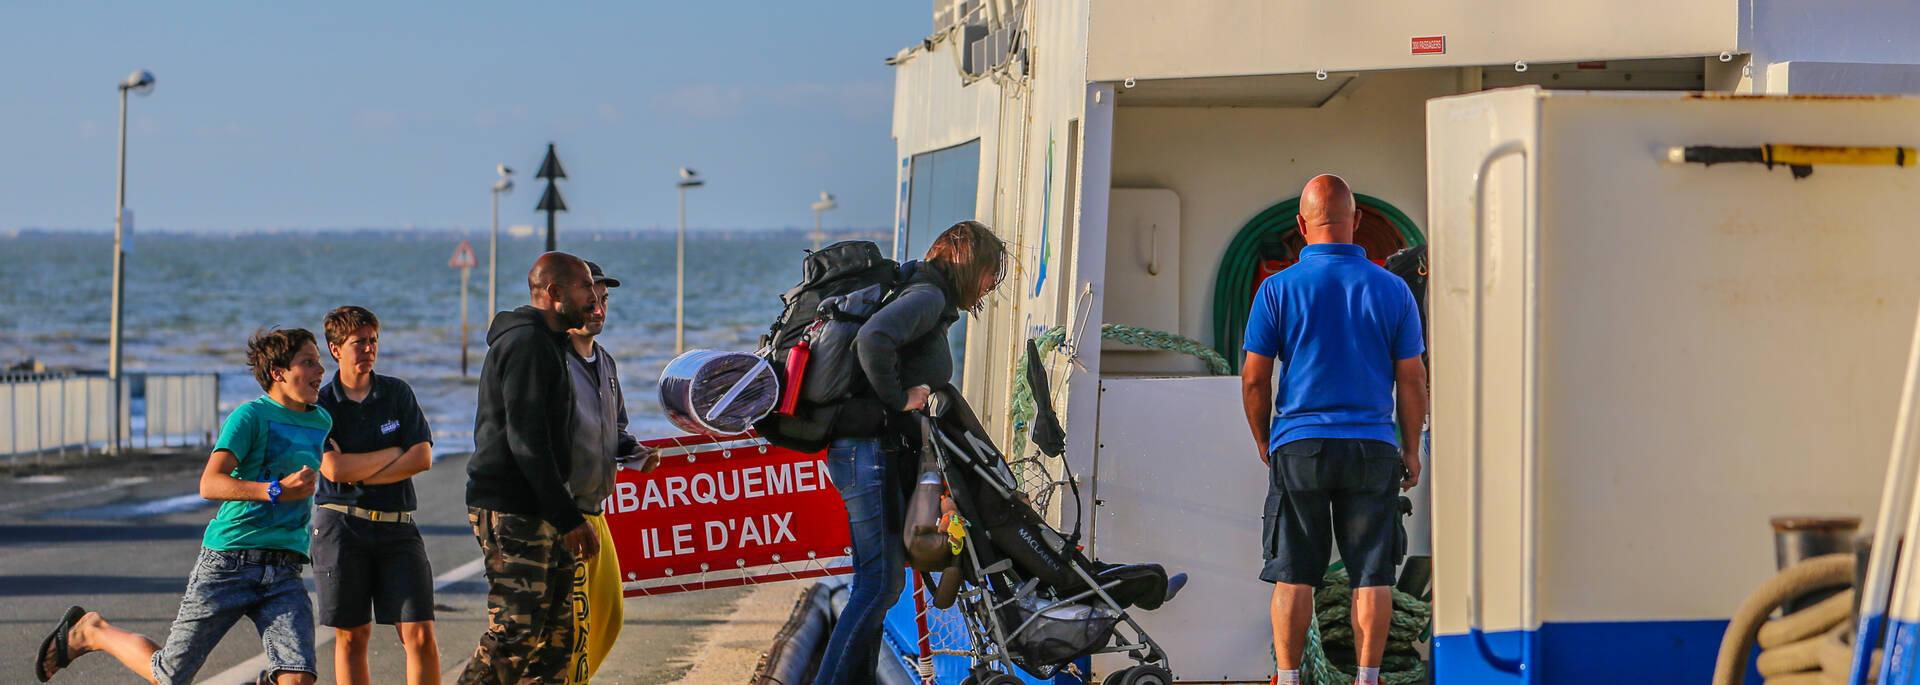 Départ du bac de la Pointe de la Fumée à Fouras direction l'Ile d'Aix - © Image & Émotion